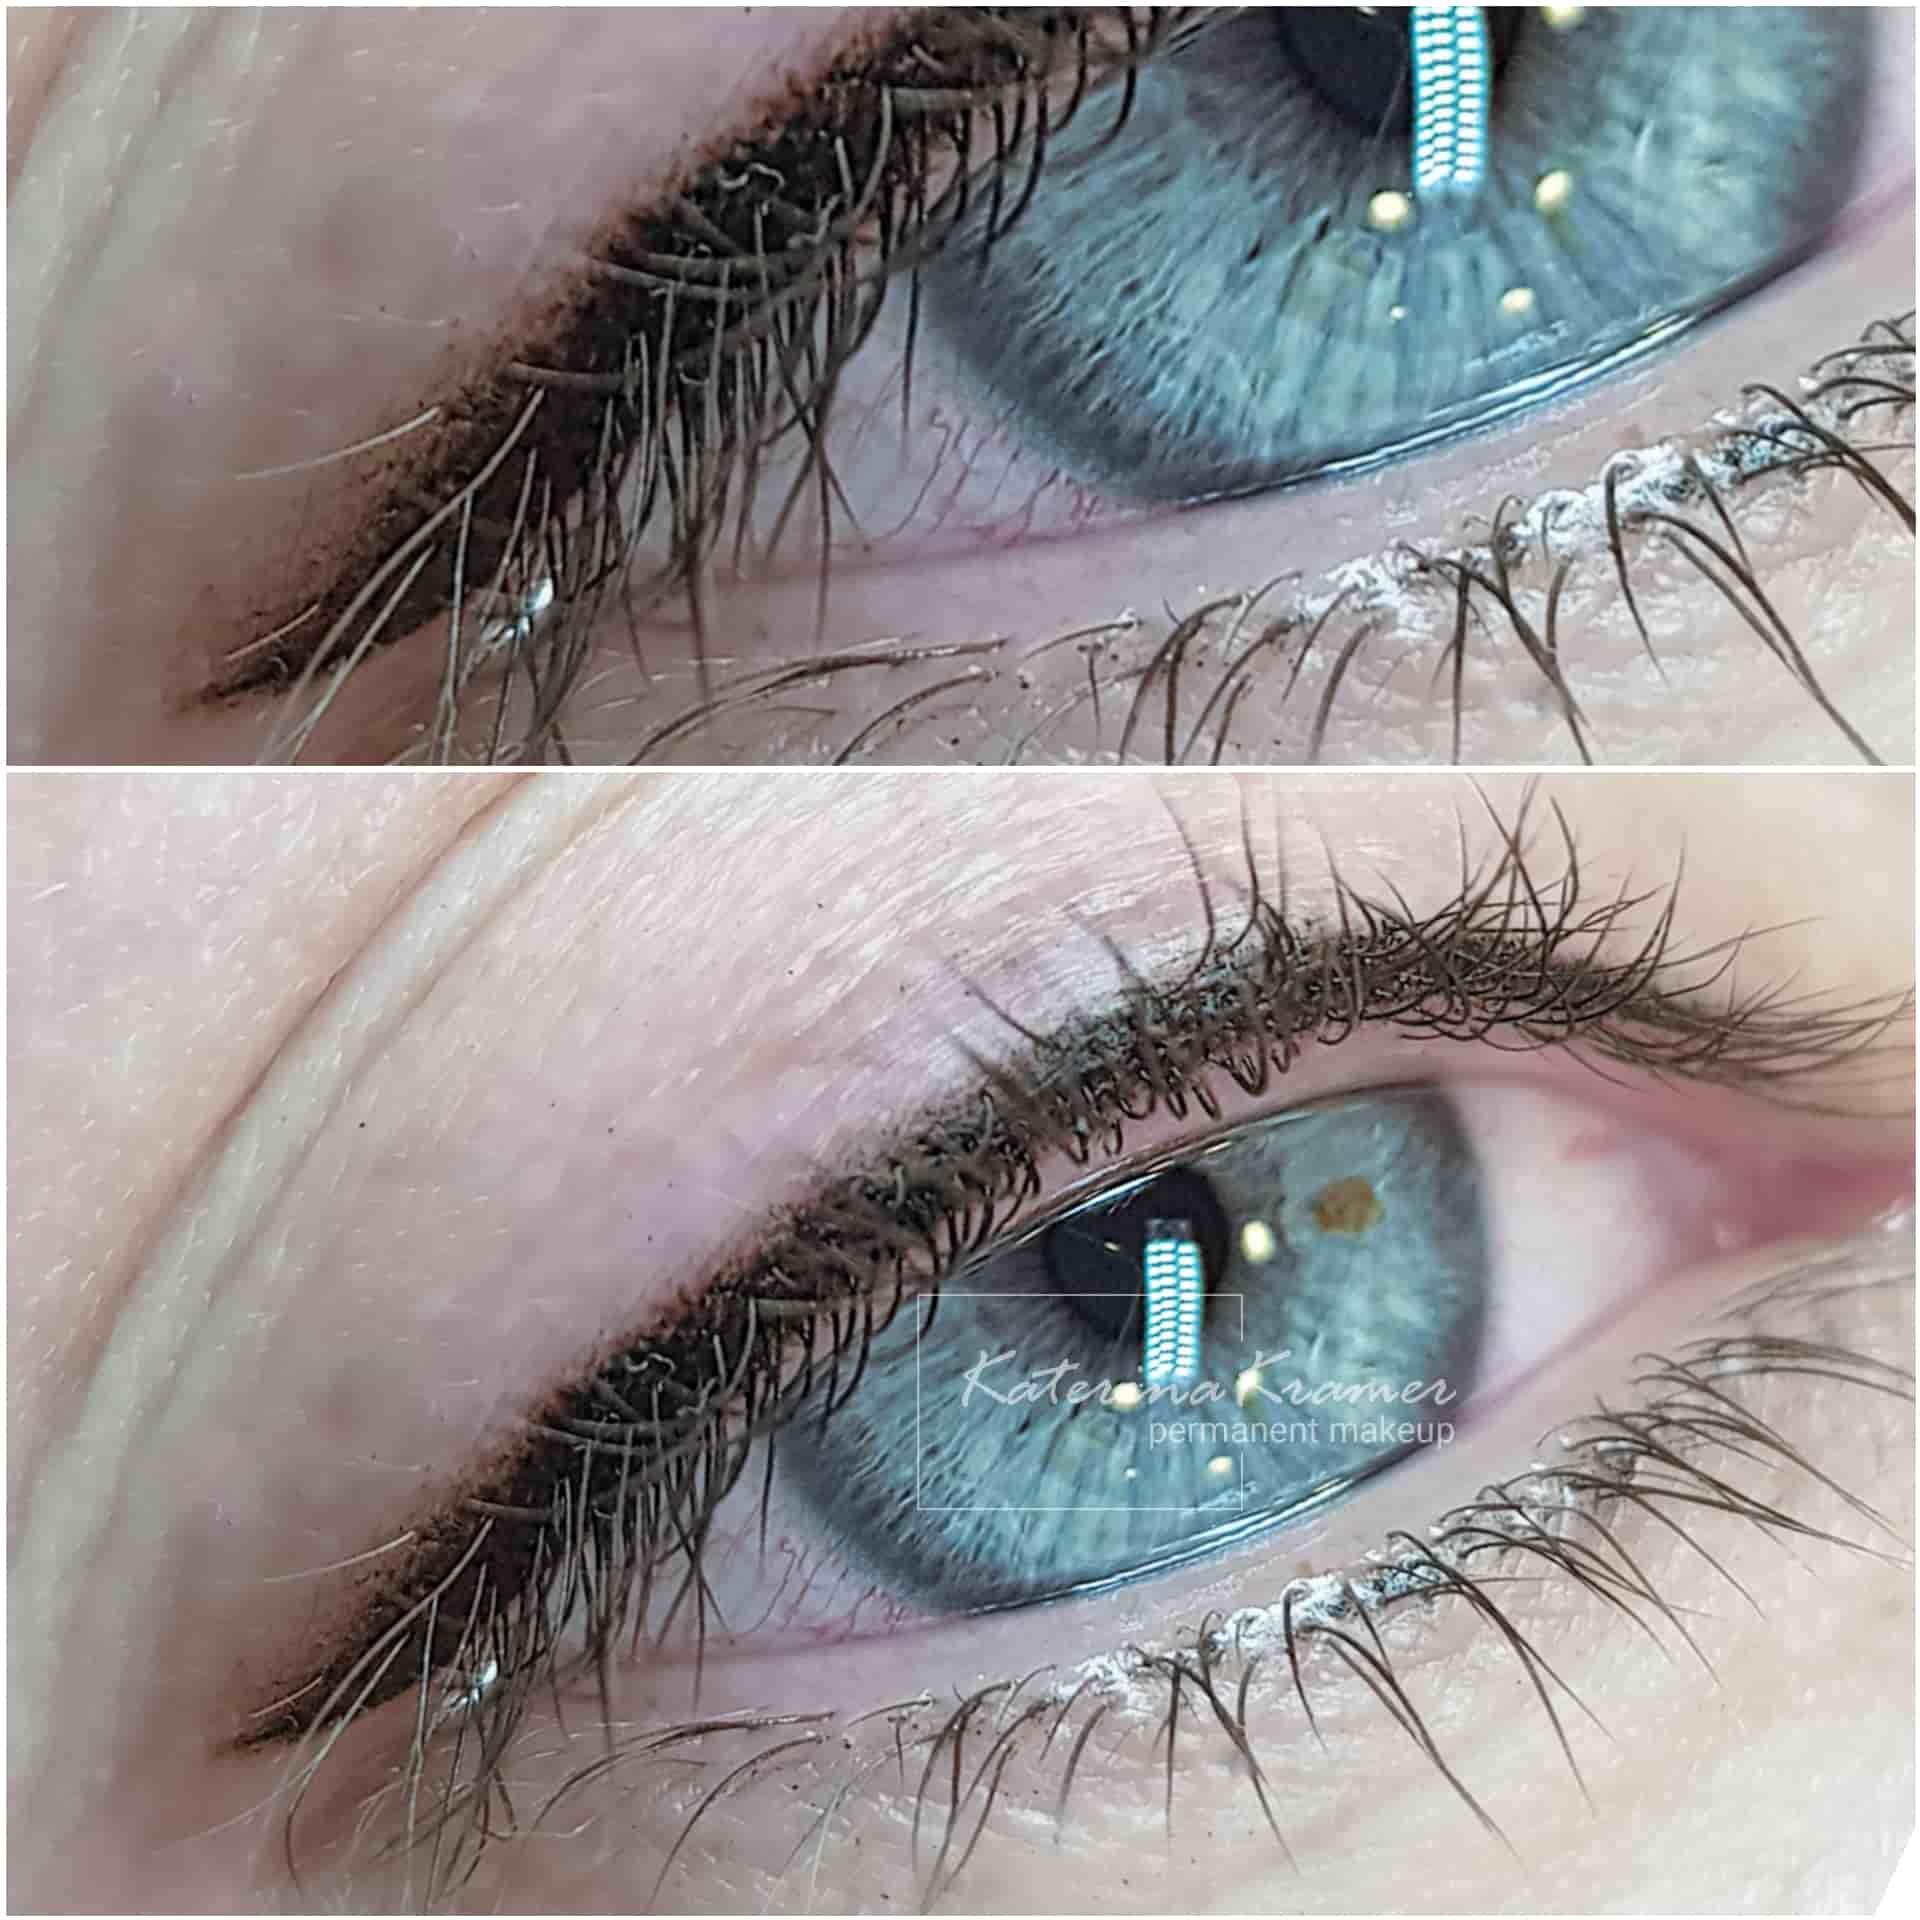 Межресничный татуаж глаз ❤️ KRAMER PMU STUDIO